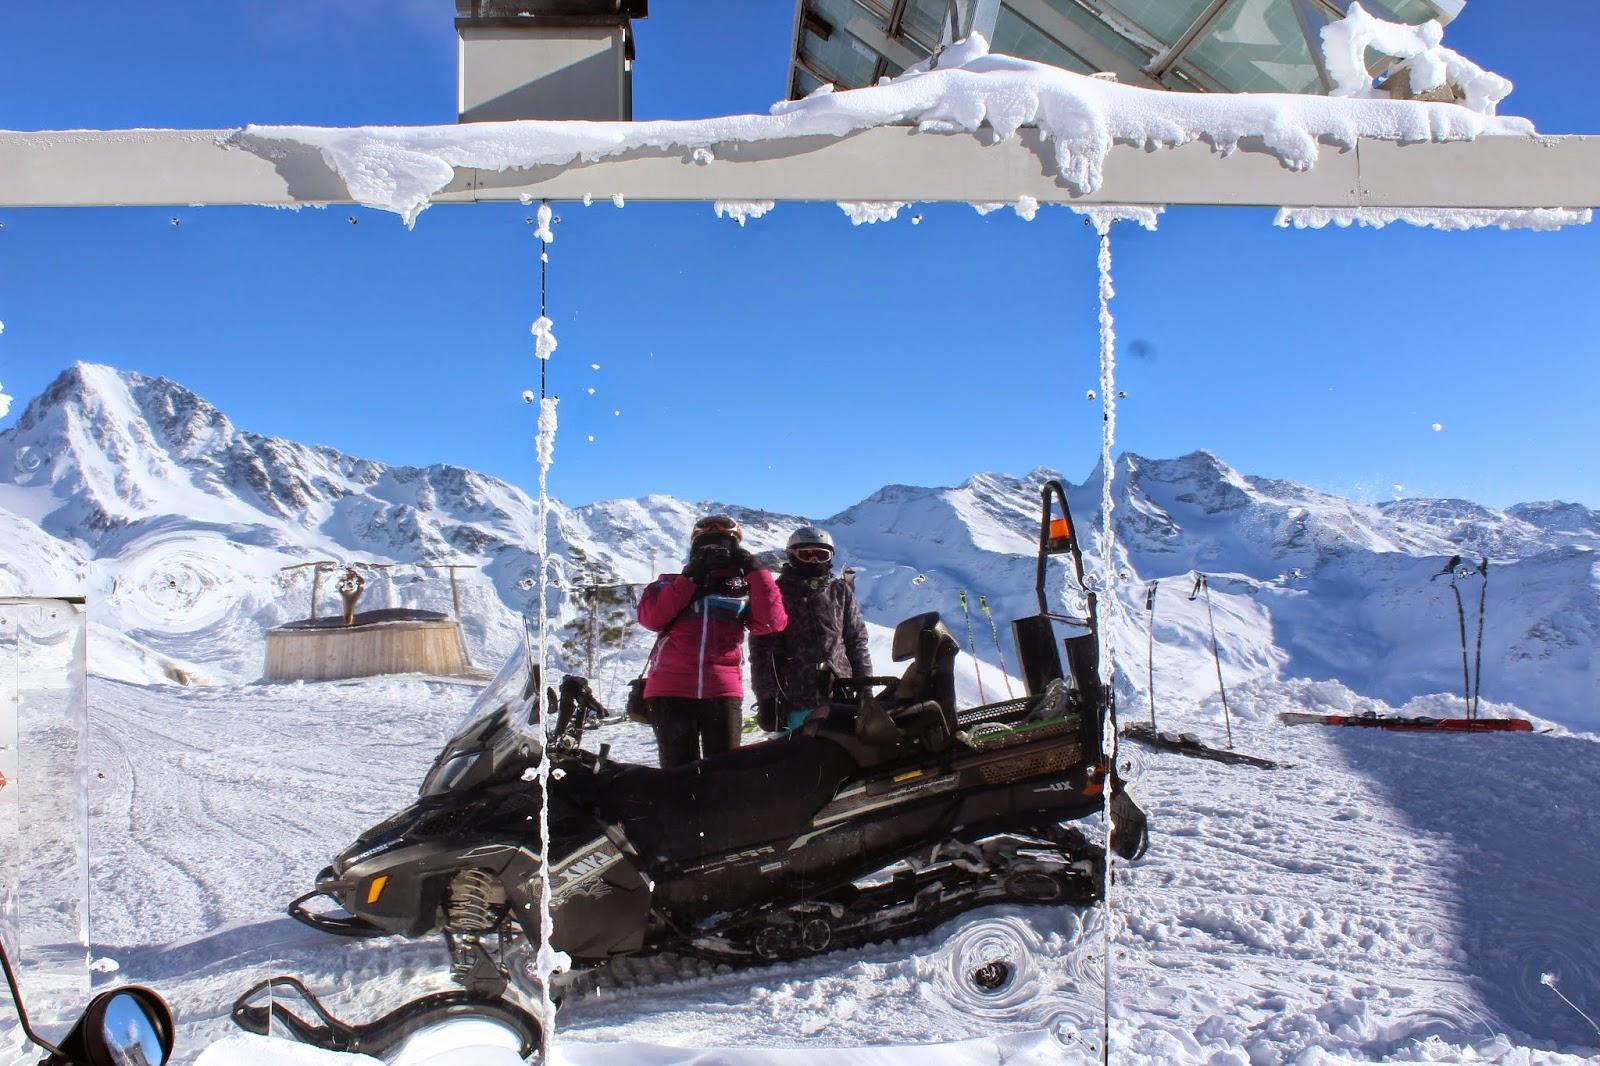 lustro na szczycie lodowca,odpornośc lustra na mróz, kafesjka grawand, alpy blog